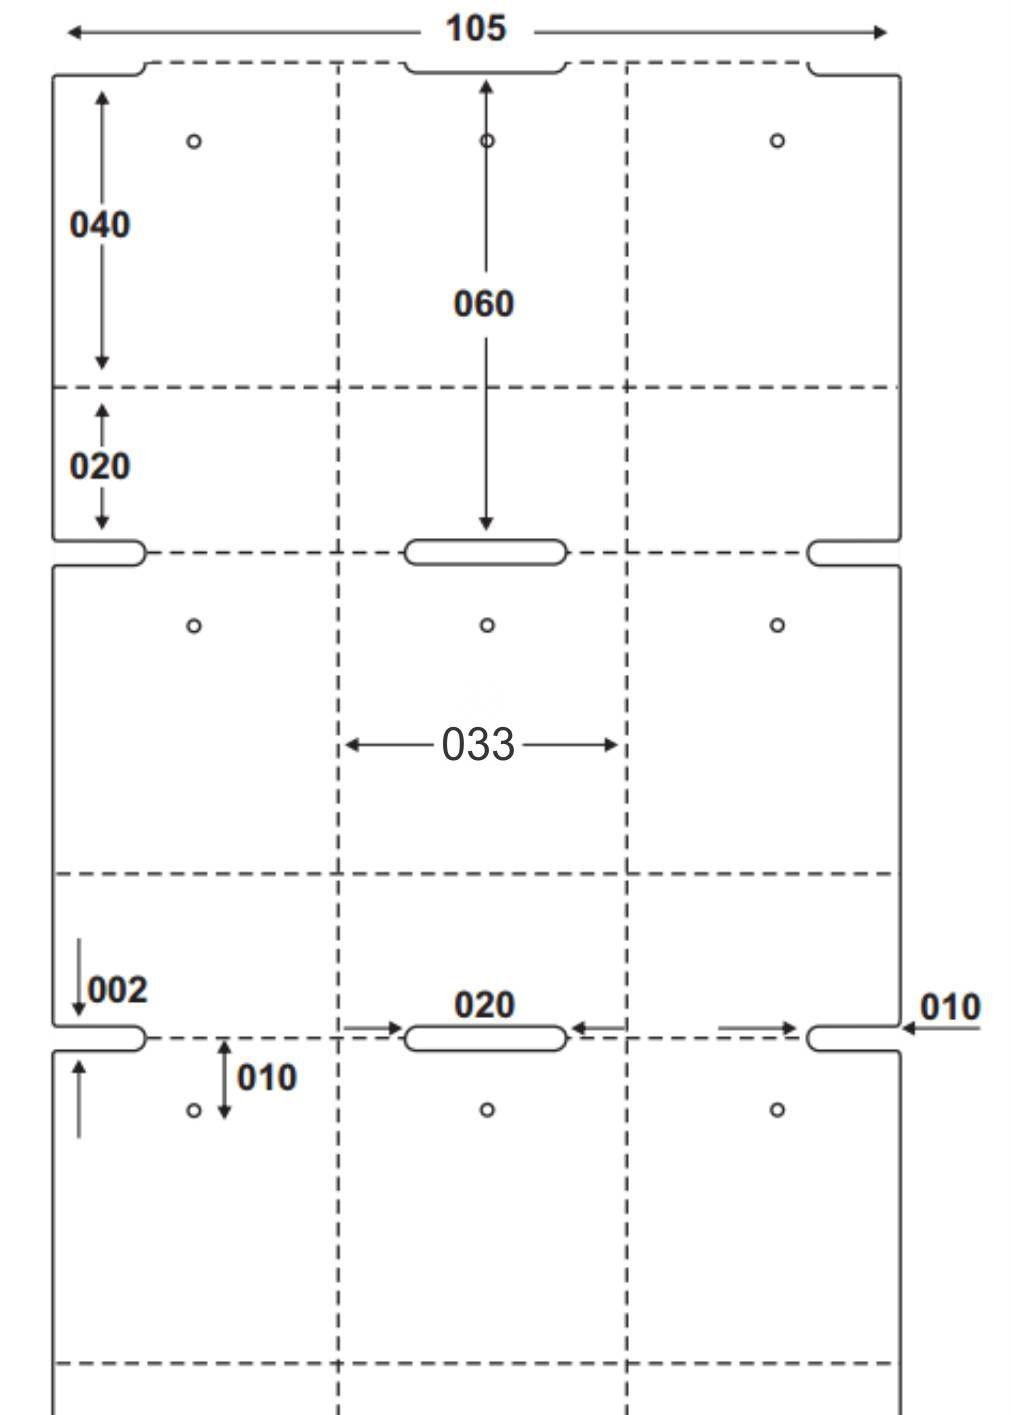 Etiqueta Tag Adesiva Couché 33x60 mm 3 Colunas (4 Rolos c/ 2.100 un. cada)  - Foco Automação Comercial e Informática